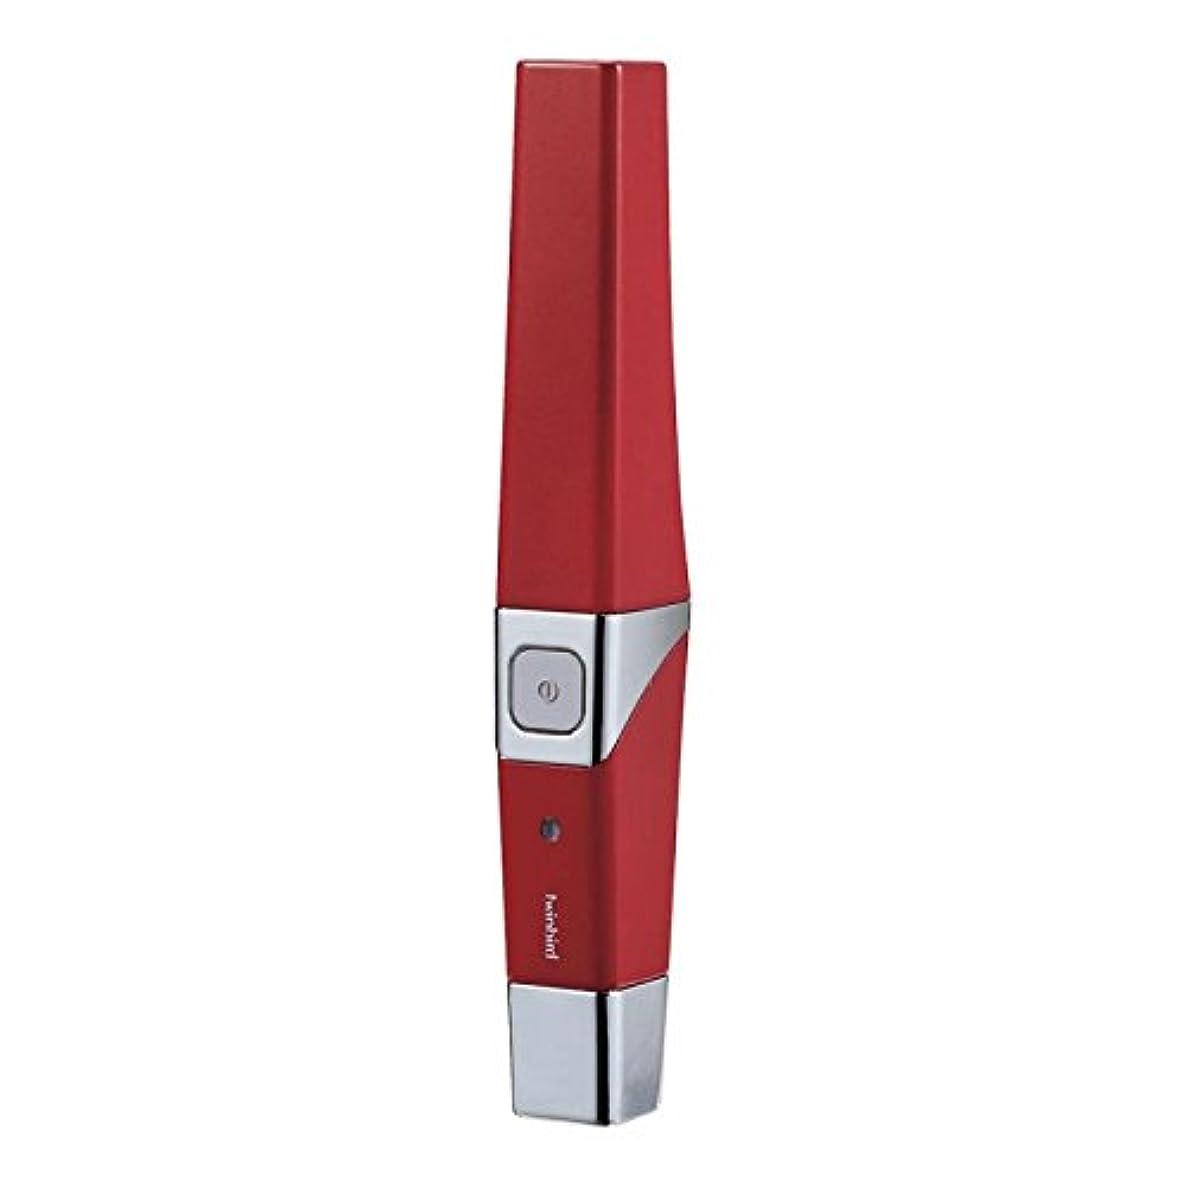 マージ第二かみそりツインバード 音波振動式USB充電歯ブラシ ACアダプター付 レッド BD-2757R